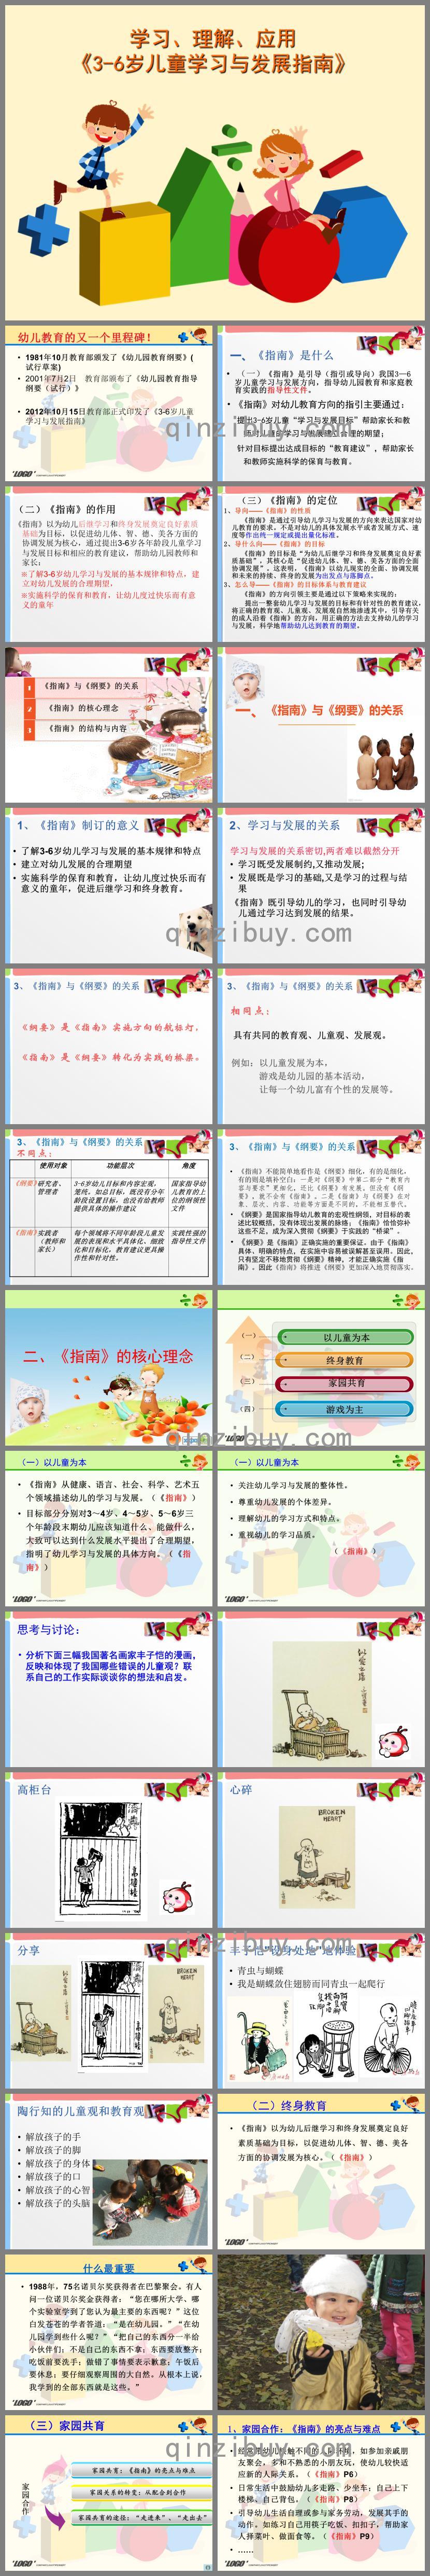 学习、理解、应用3-6岁儿童学习与发展指南PPT课件